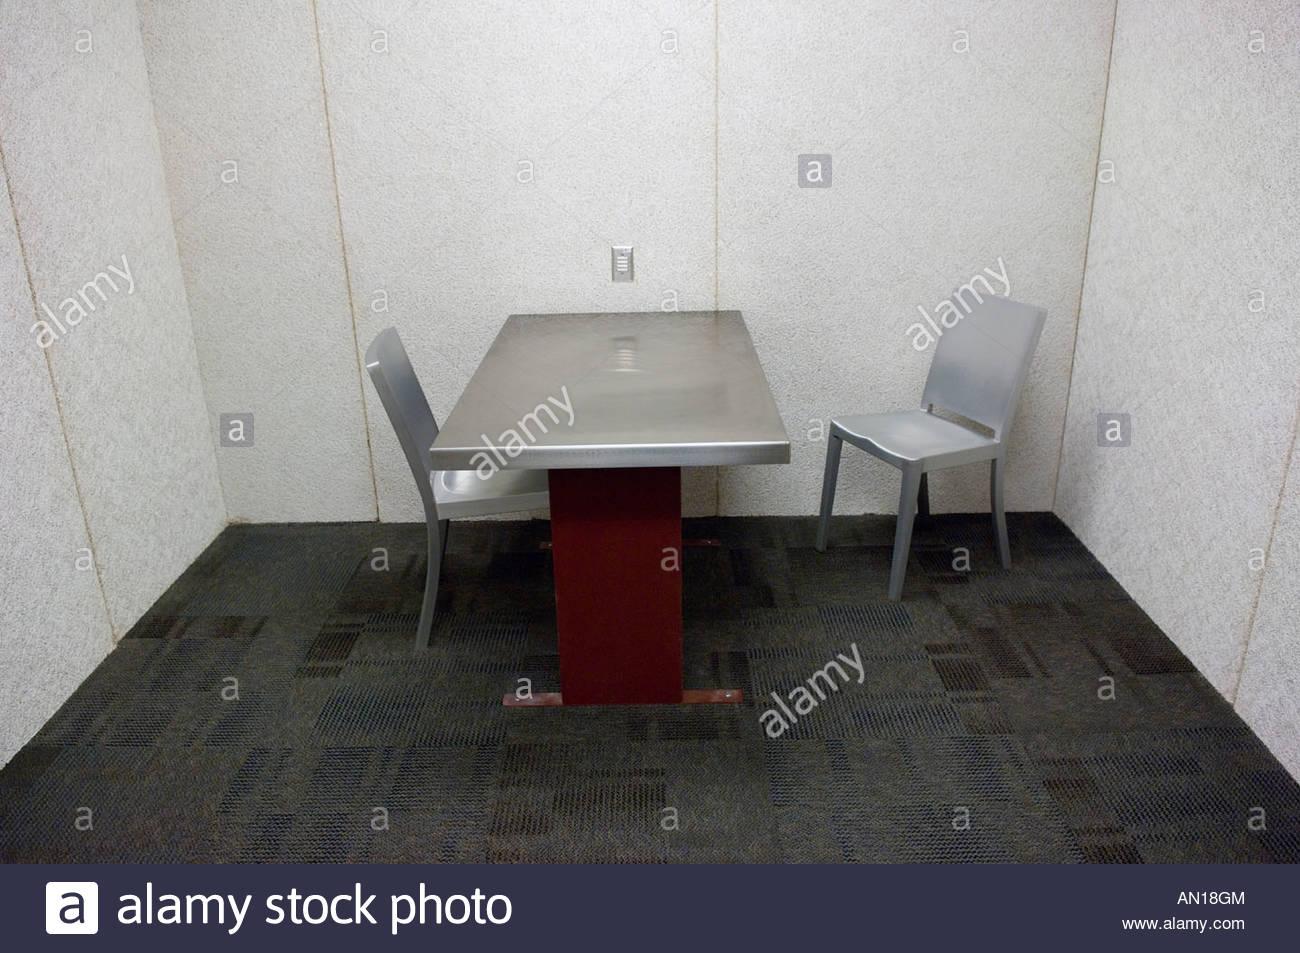 Sterili in cerca di nuovi interrogatori della polizia camera cella intervista a Città di Tucson West Side sottostazione Immagini Stock